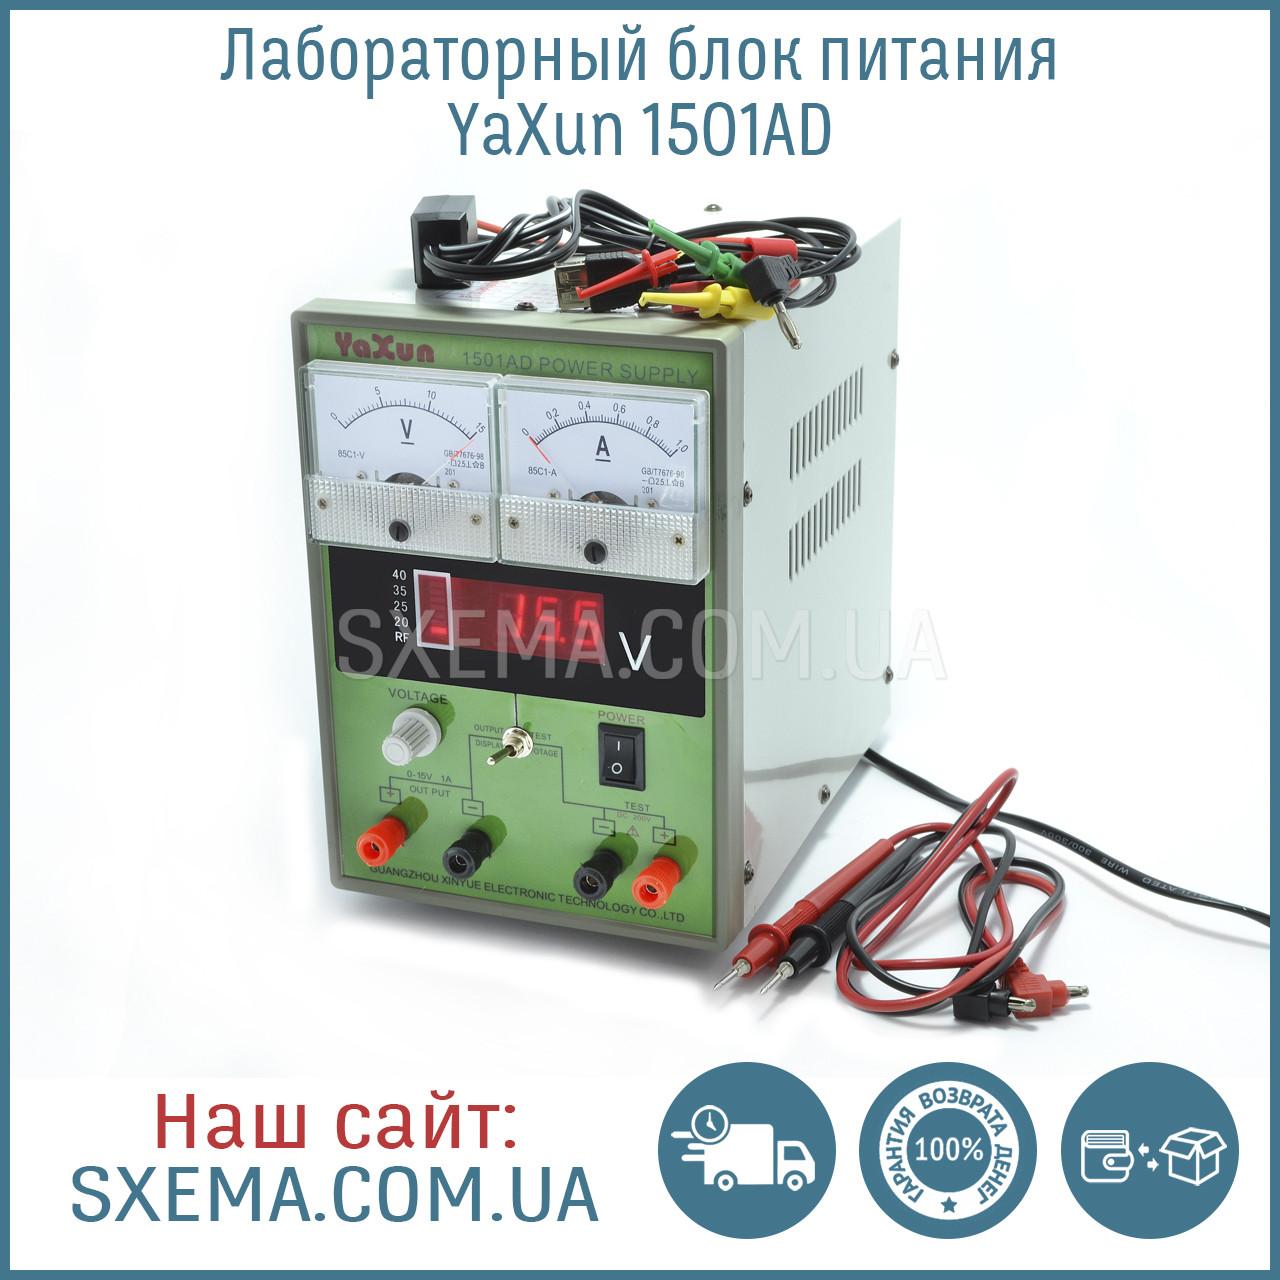 Лабораторный блок питания YaXun 1501AD, 15вольт, RF индикатор, Автовосстановление после КЗ